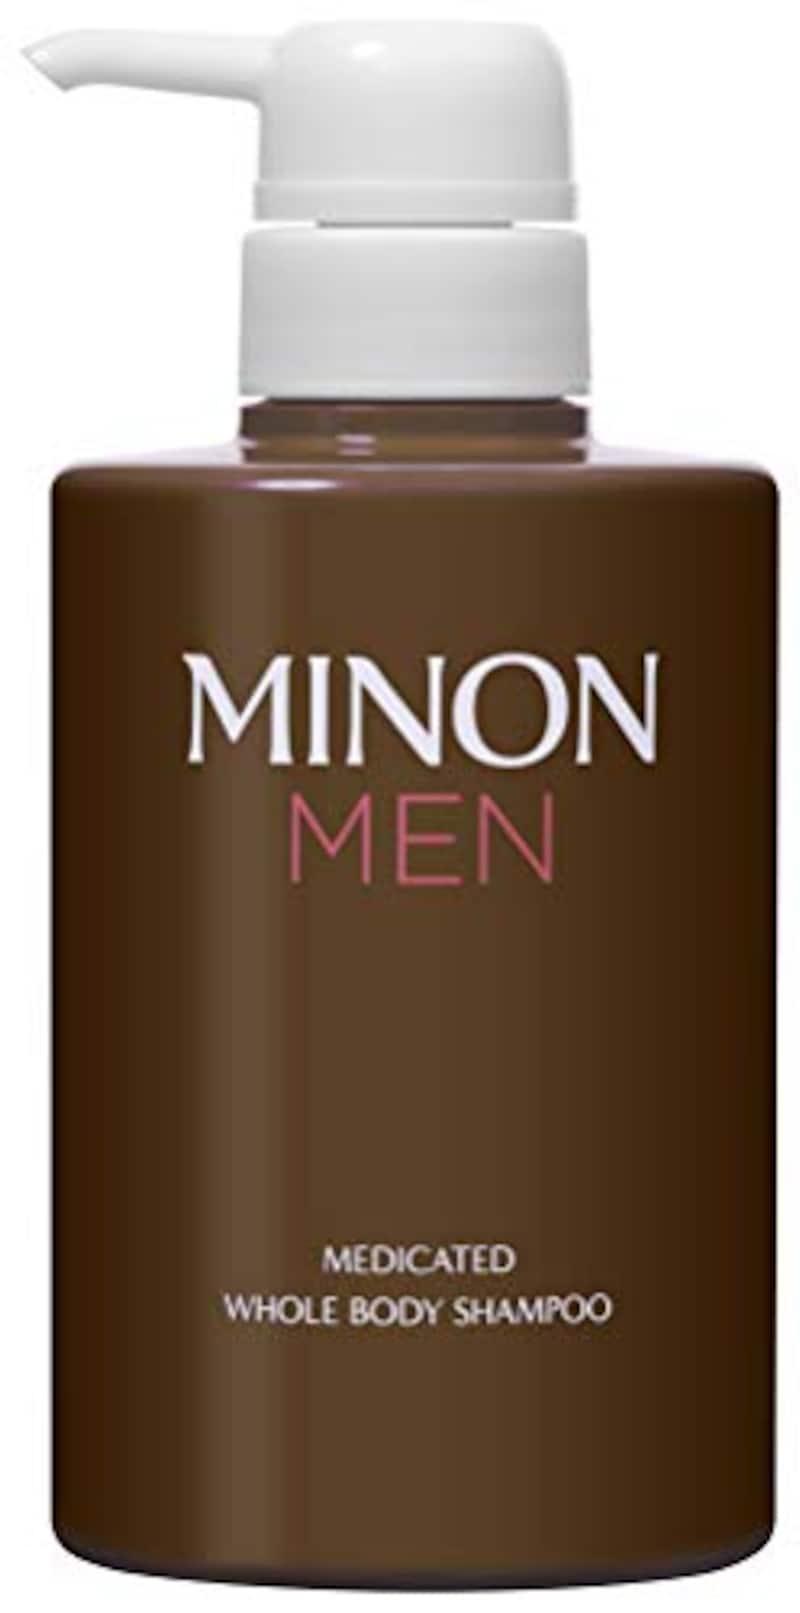 MINON MEN(ミノン メン),薬用全身シャンプー